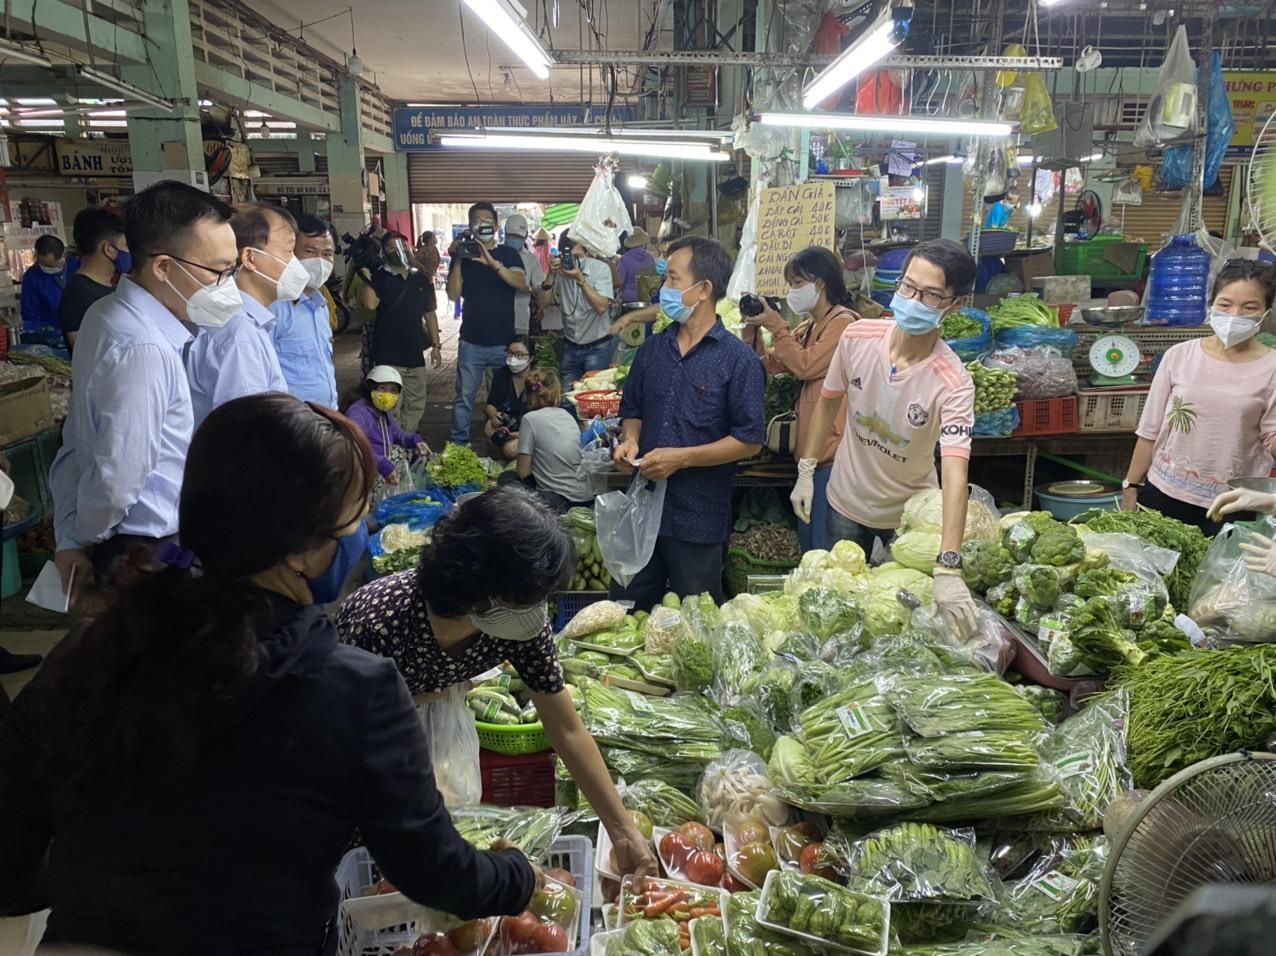 Thị trường hàng hóa,Giá thực phẩm,Siêu thị,Chợ truyền thống,TP.HCM,Giãn cách xã hội